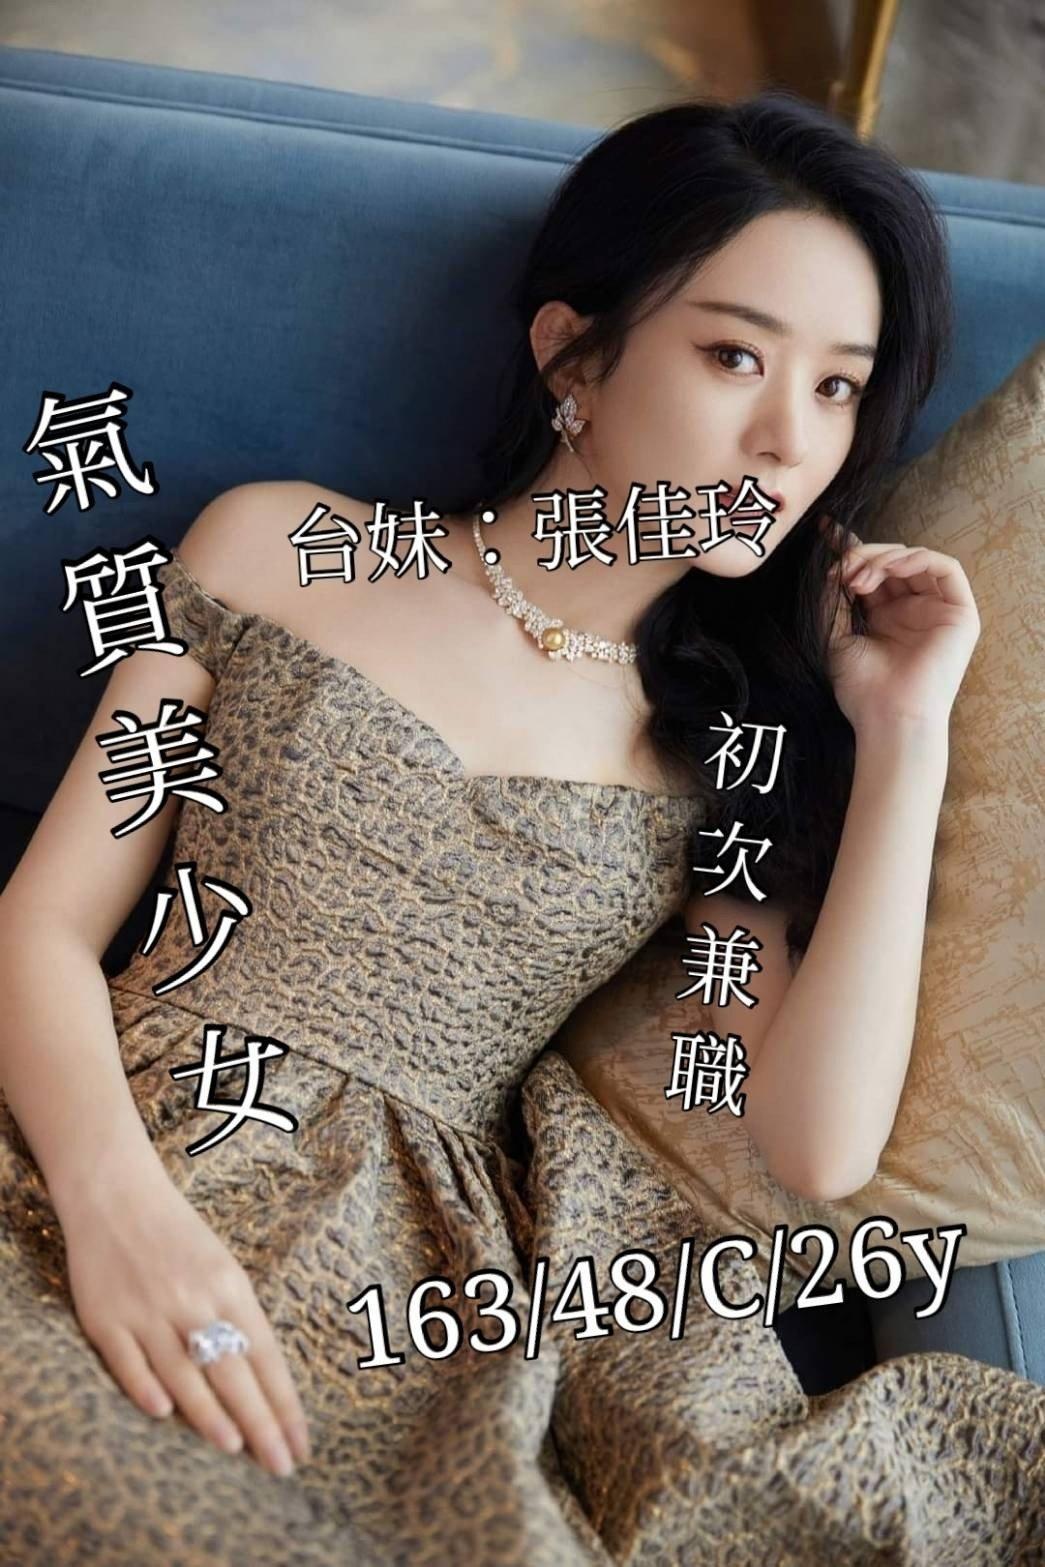 台南外約張佳玲擁有如雪一般白皙美肌